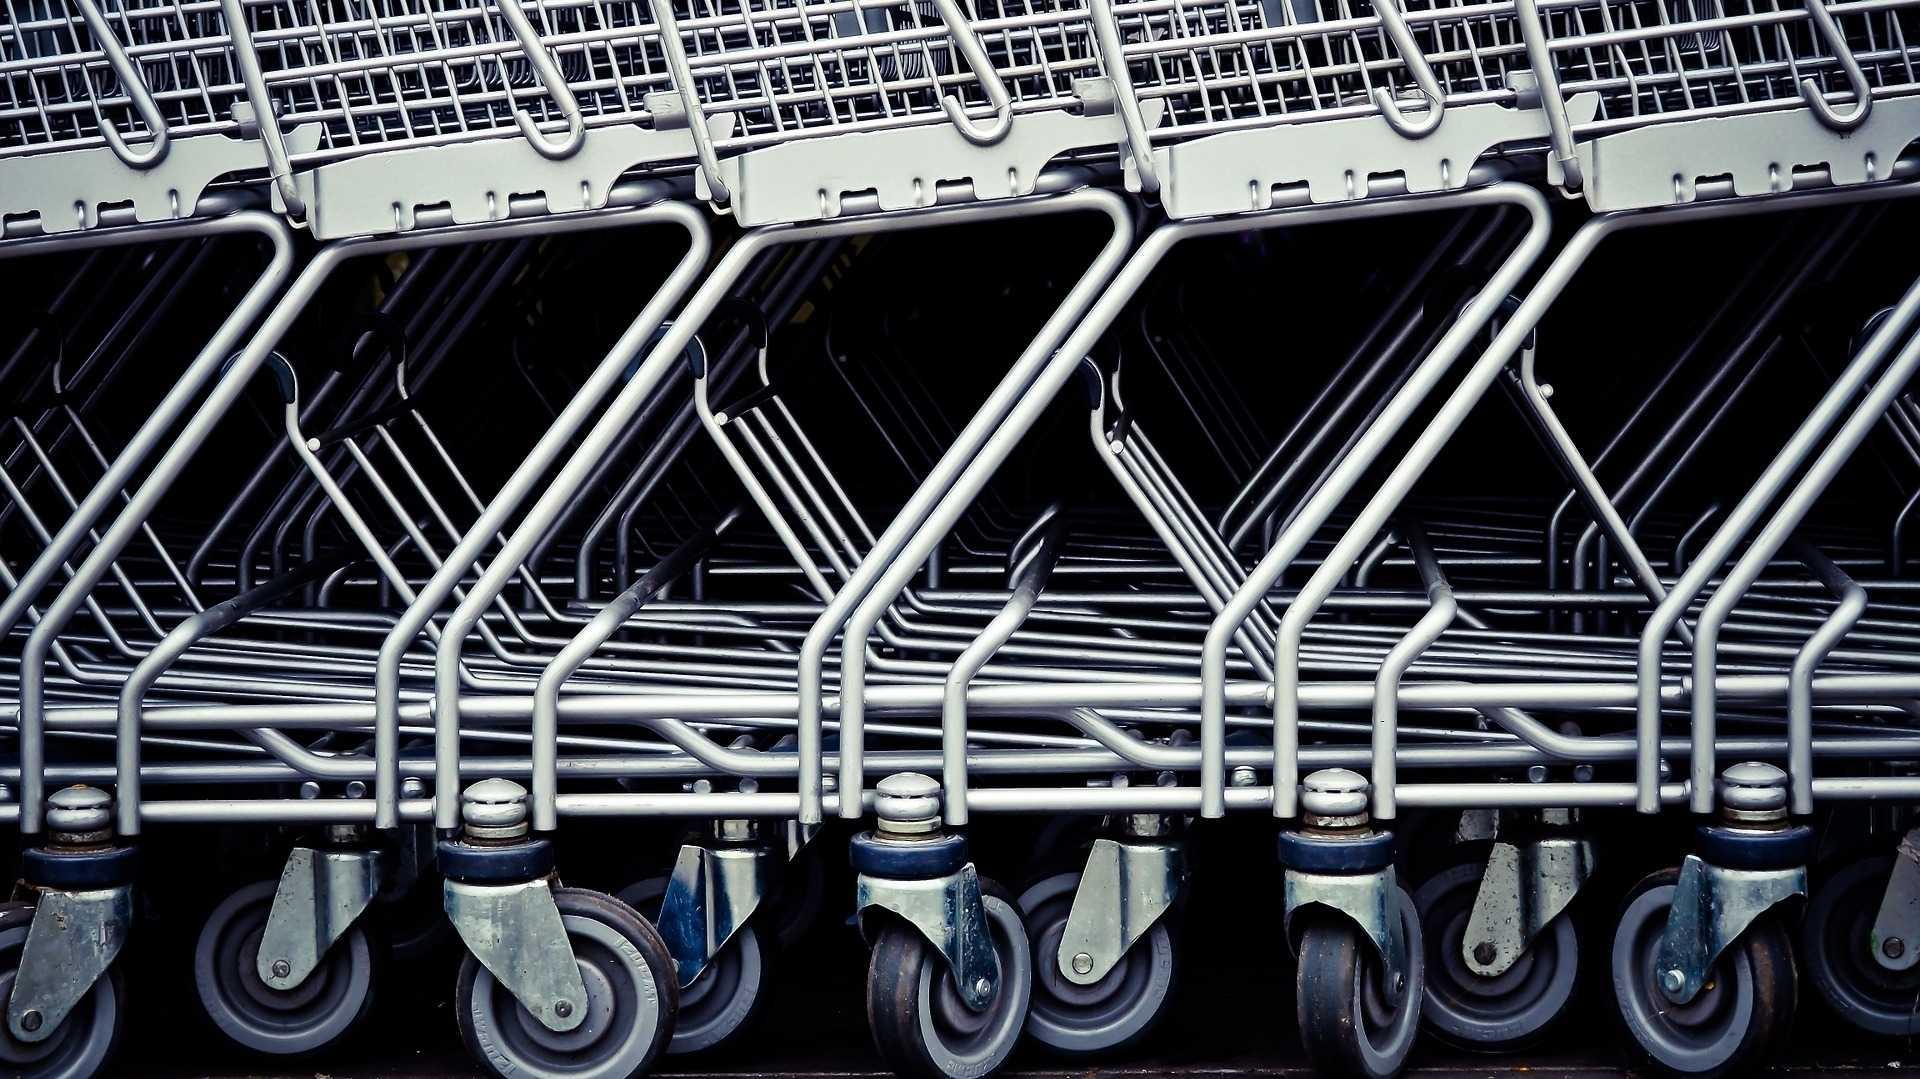 Bericht: Amazon will neue Supermarktkette starten